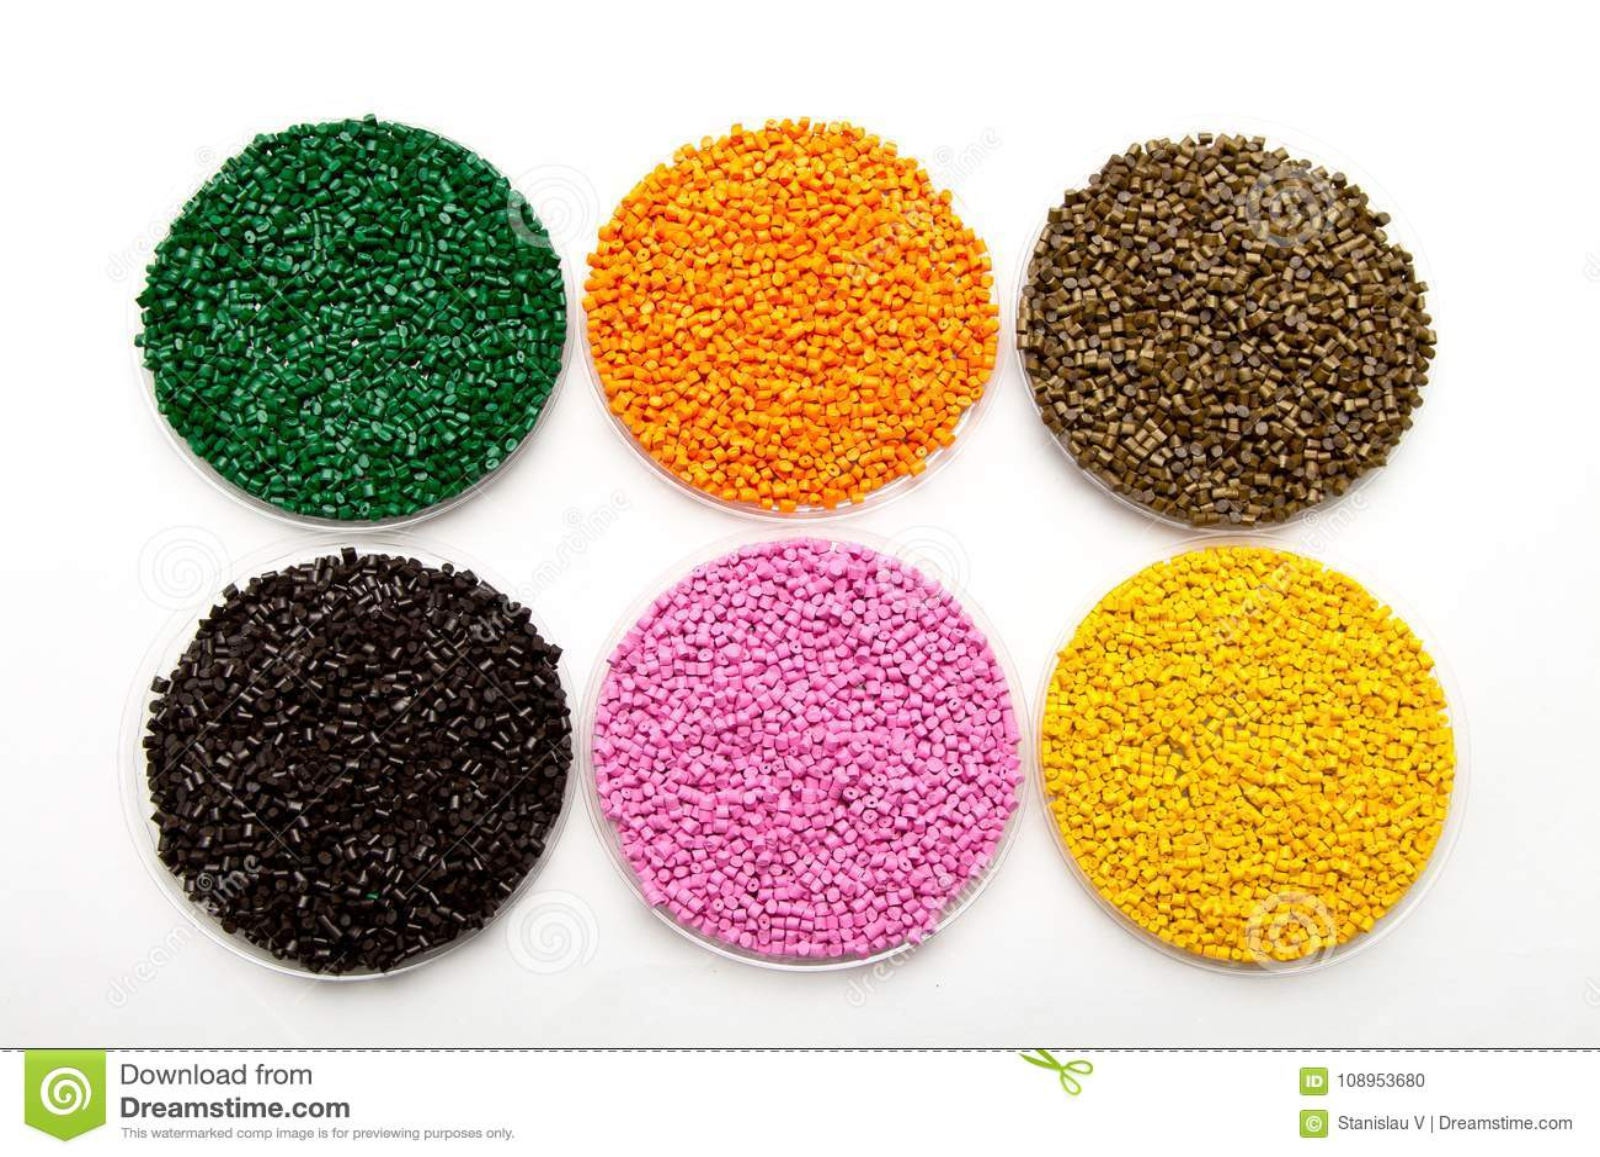 塑料粒子 为聚丙烯,多苯乙烯粒子洗染到一个测量的容器里